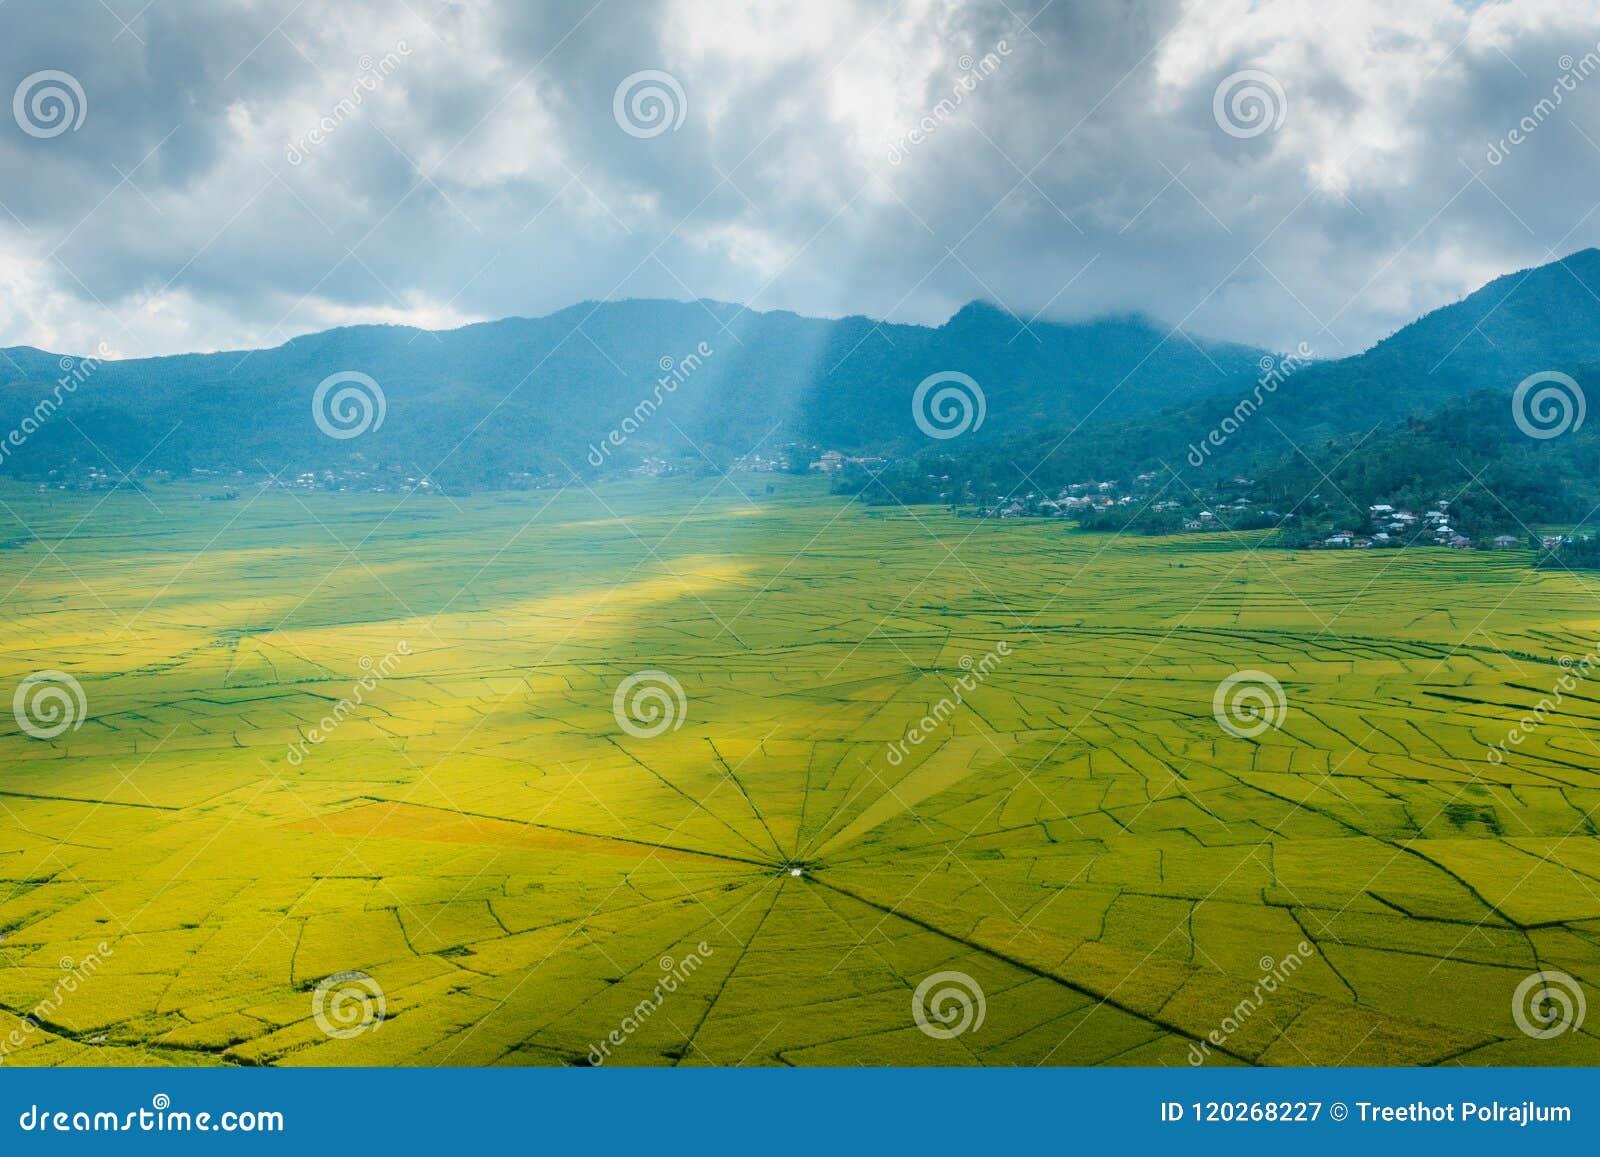 La vista aérea del arroz del web de araña de Lingko coloca mientras que perforación de la luz del sol a través de las nubes a la